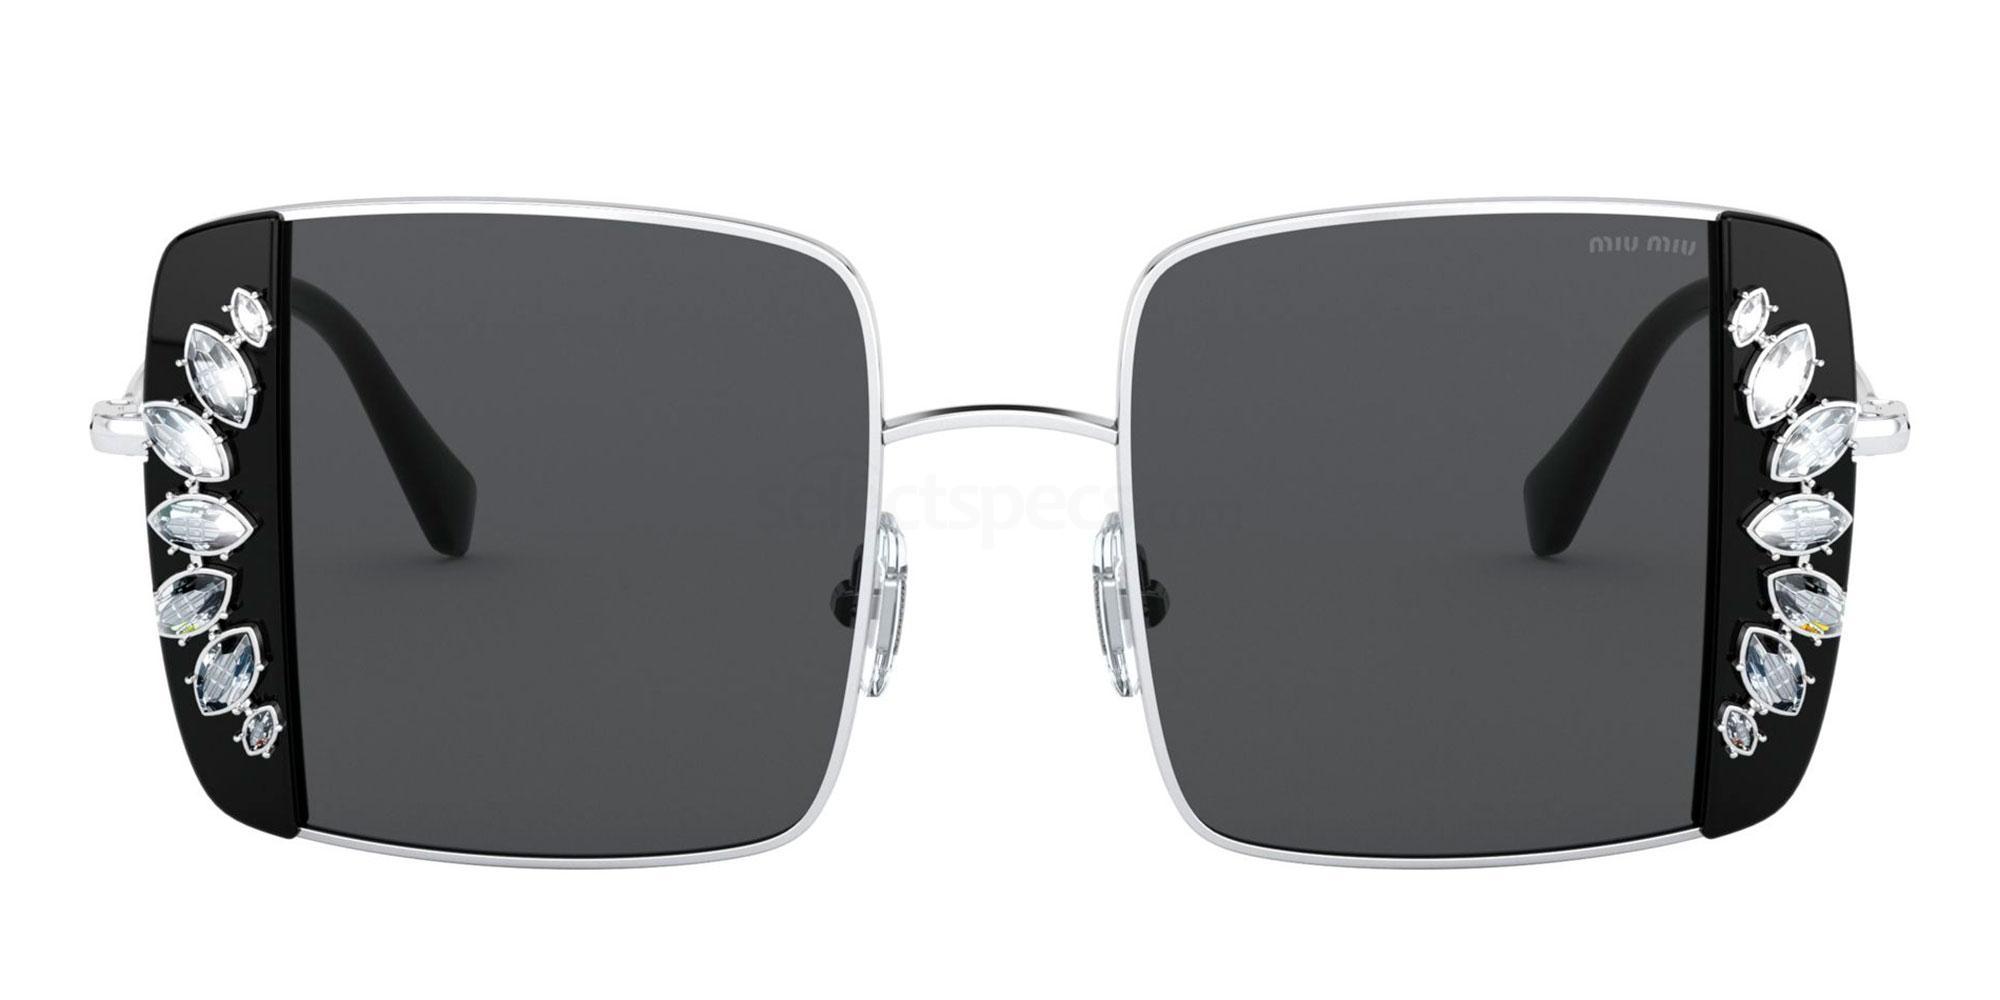 01E5S0 MU 56VS Sunglasses, Miu Miu